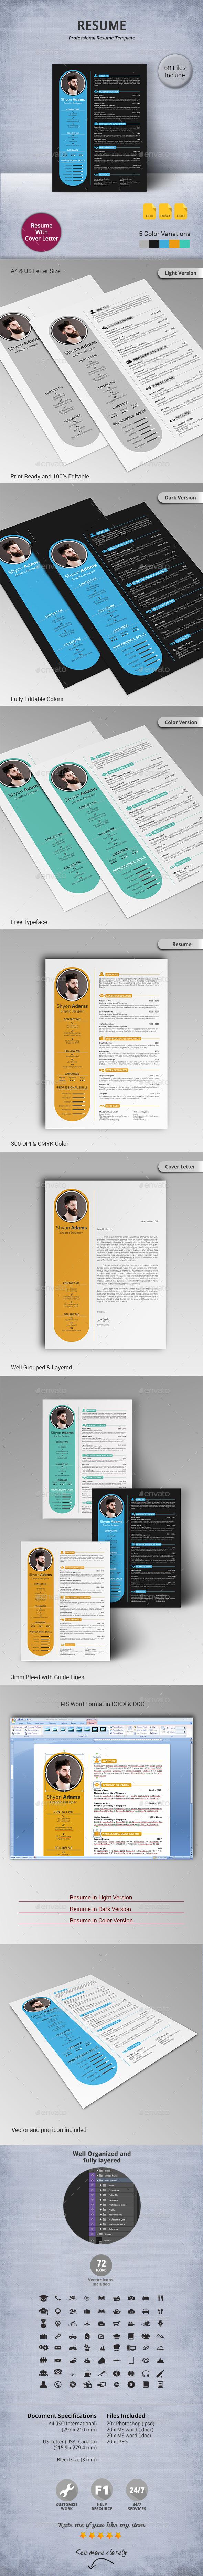 GraphicRiver Resume 11119597